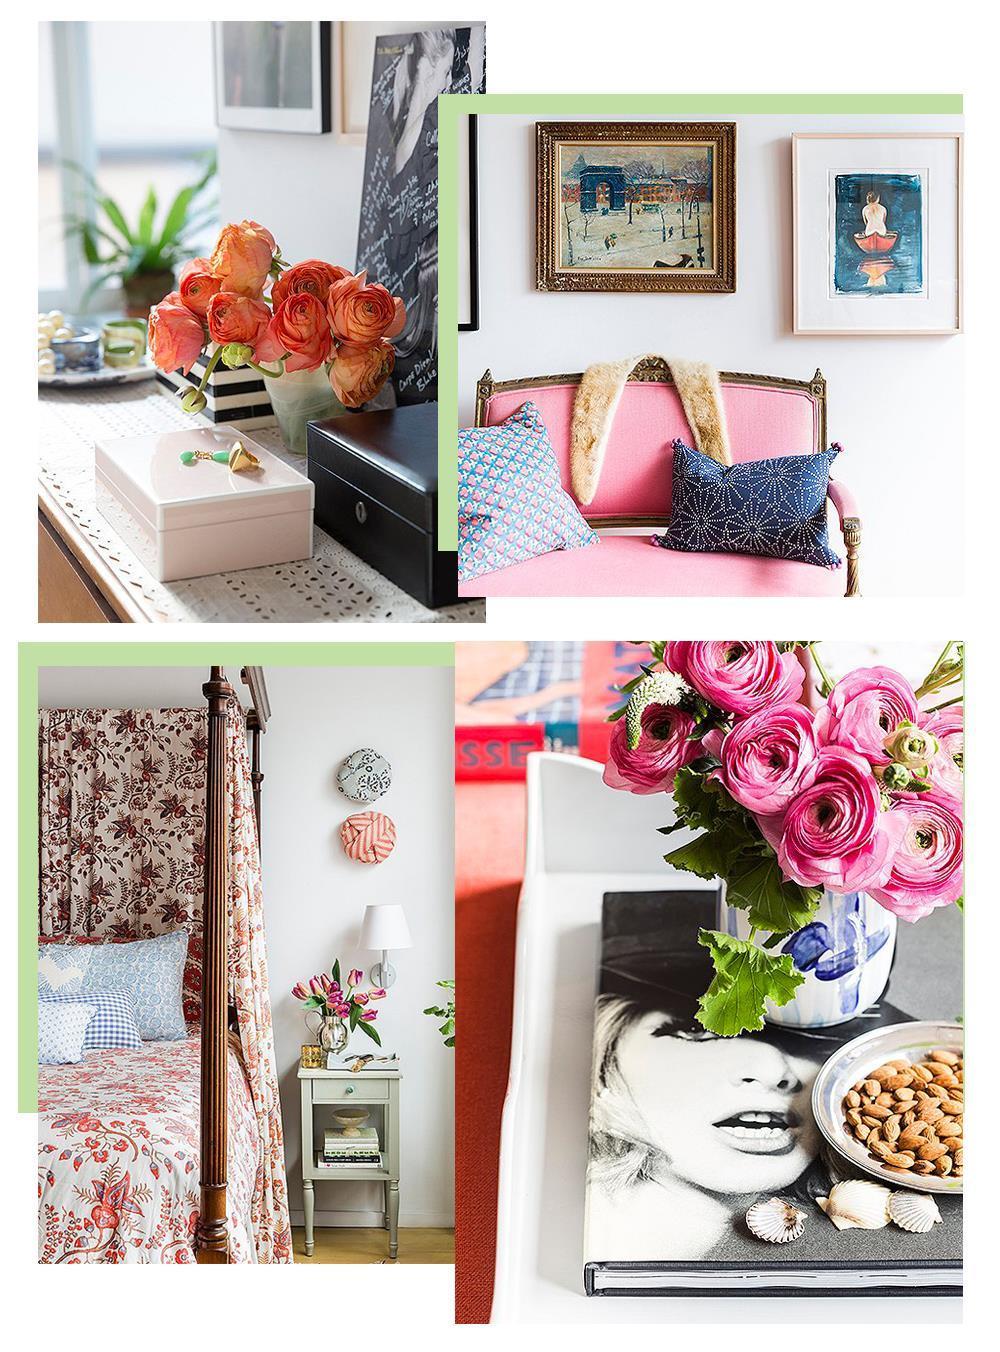 Dalani, Kate Schelter, Style, Casa, Trend, Colori, Home, Living, Moda, Arte